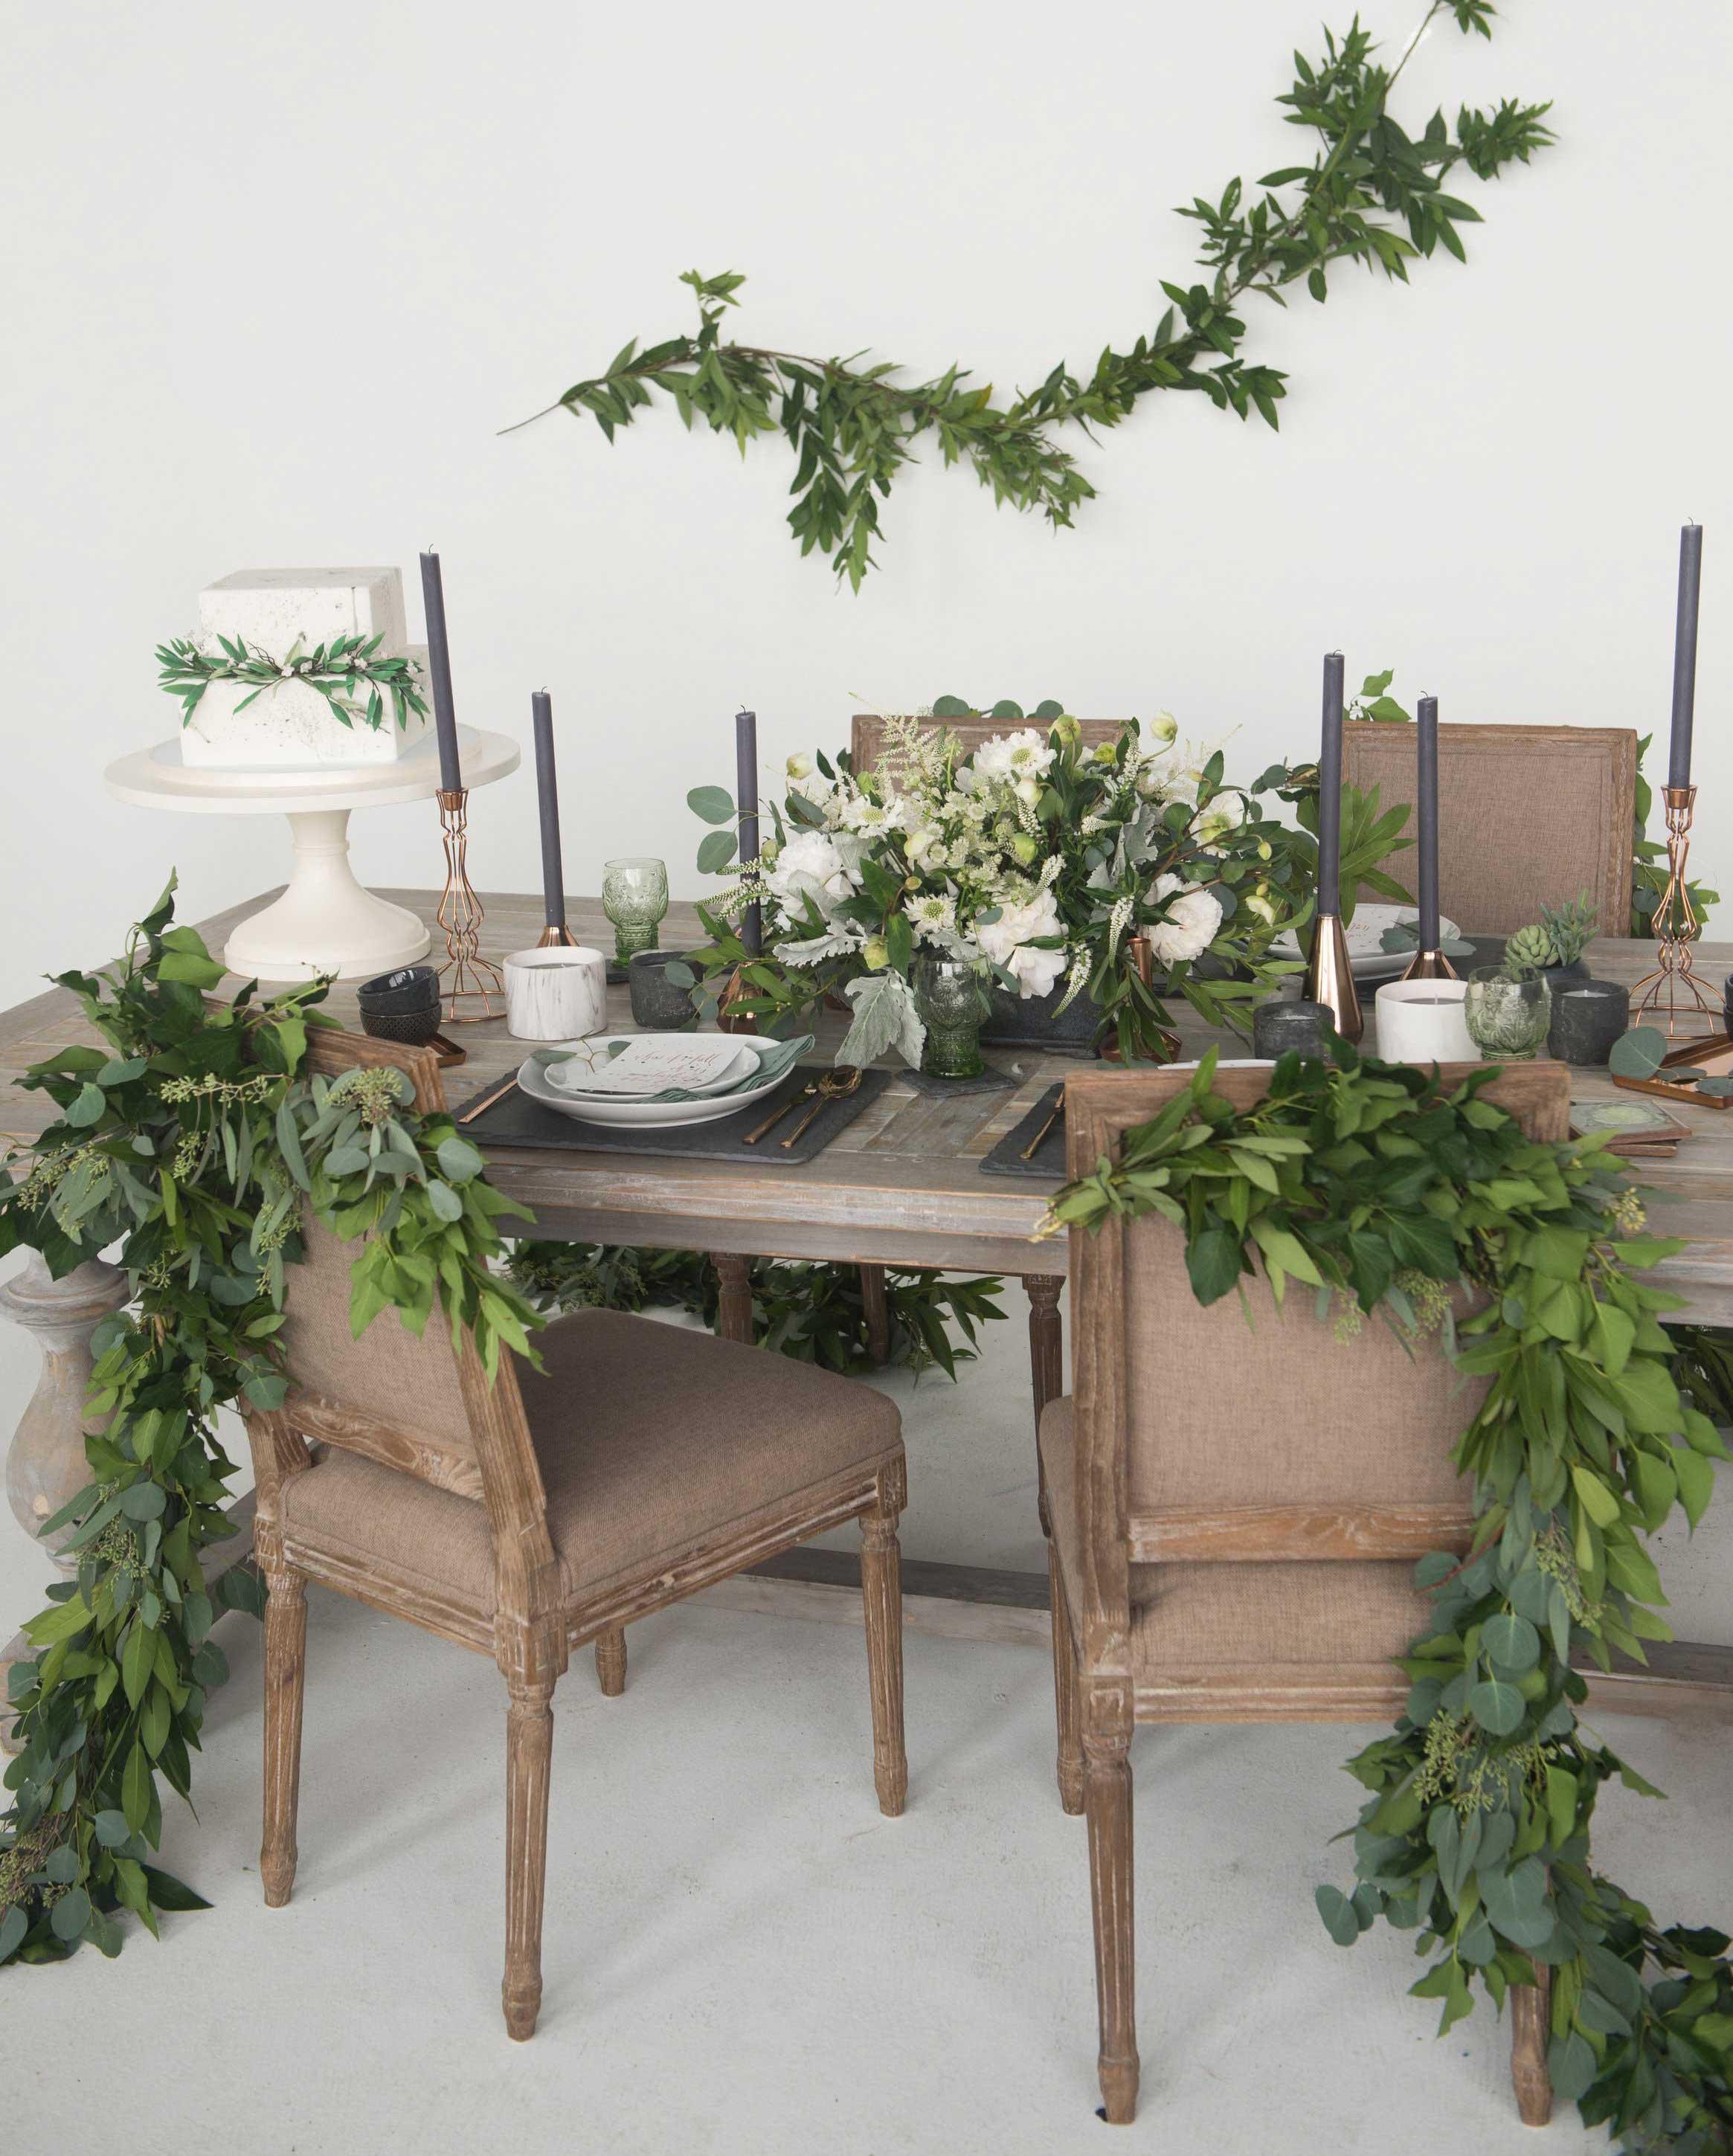 EVOKE DC Modern Whimsy wedding table idea rustic wedding